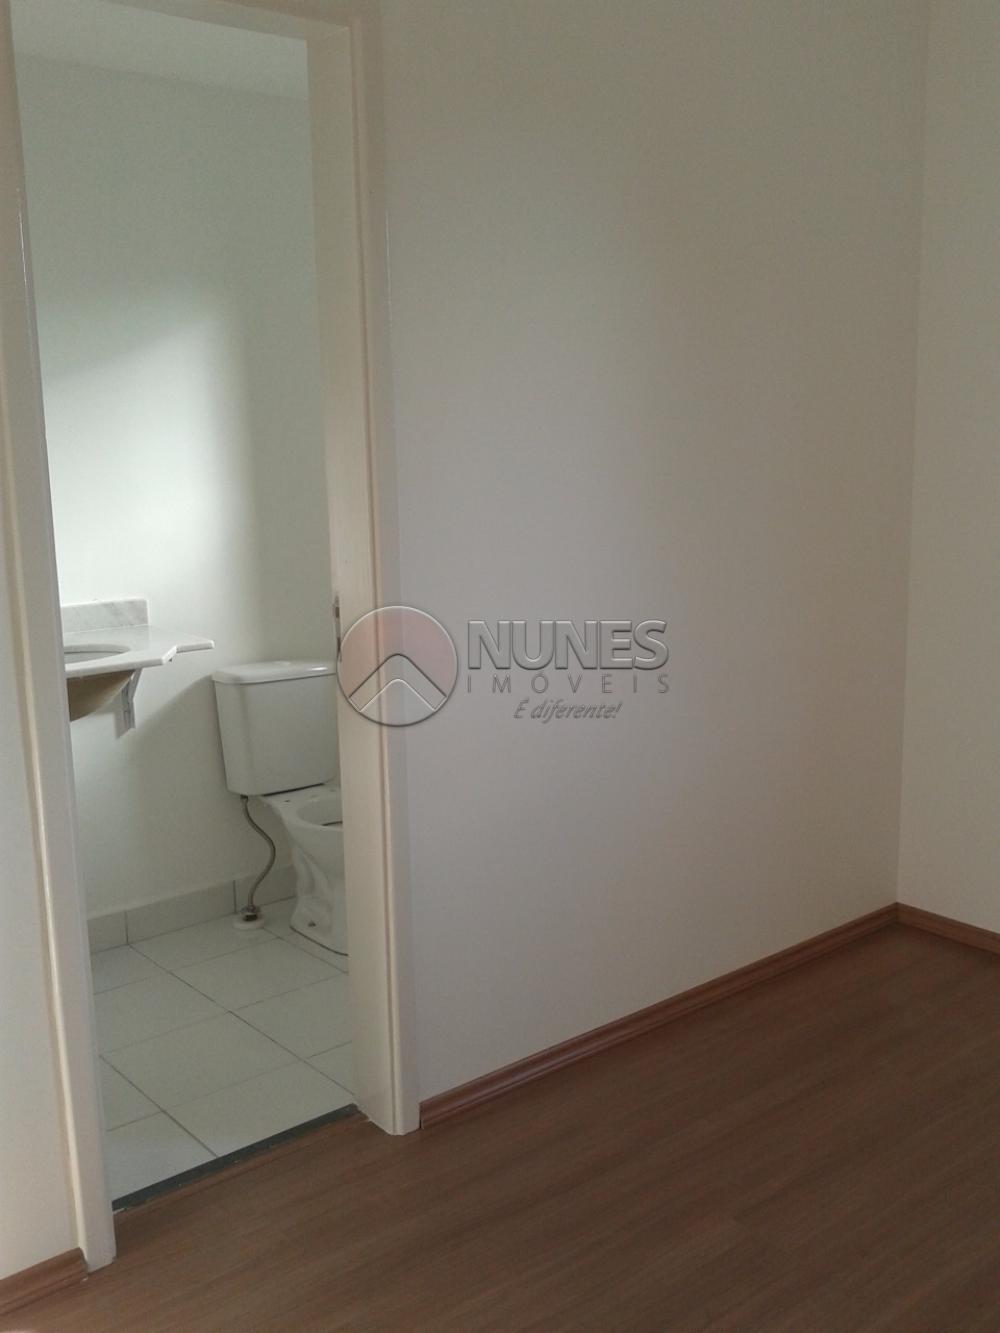 Comprar Apartamento / Padrão em São Paulo apenas R$ 300.000,00 - Foto 6